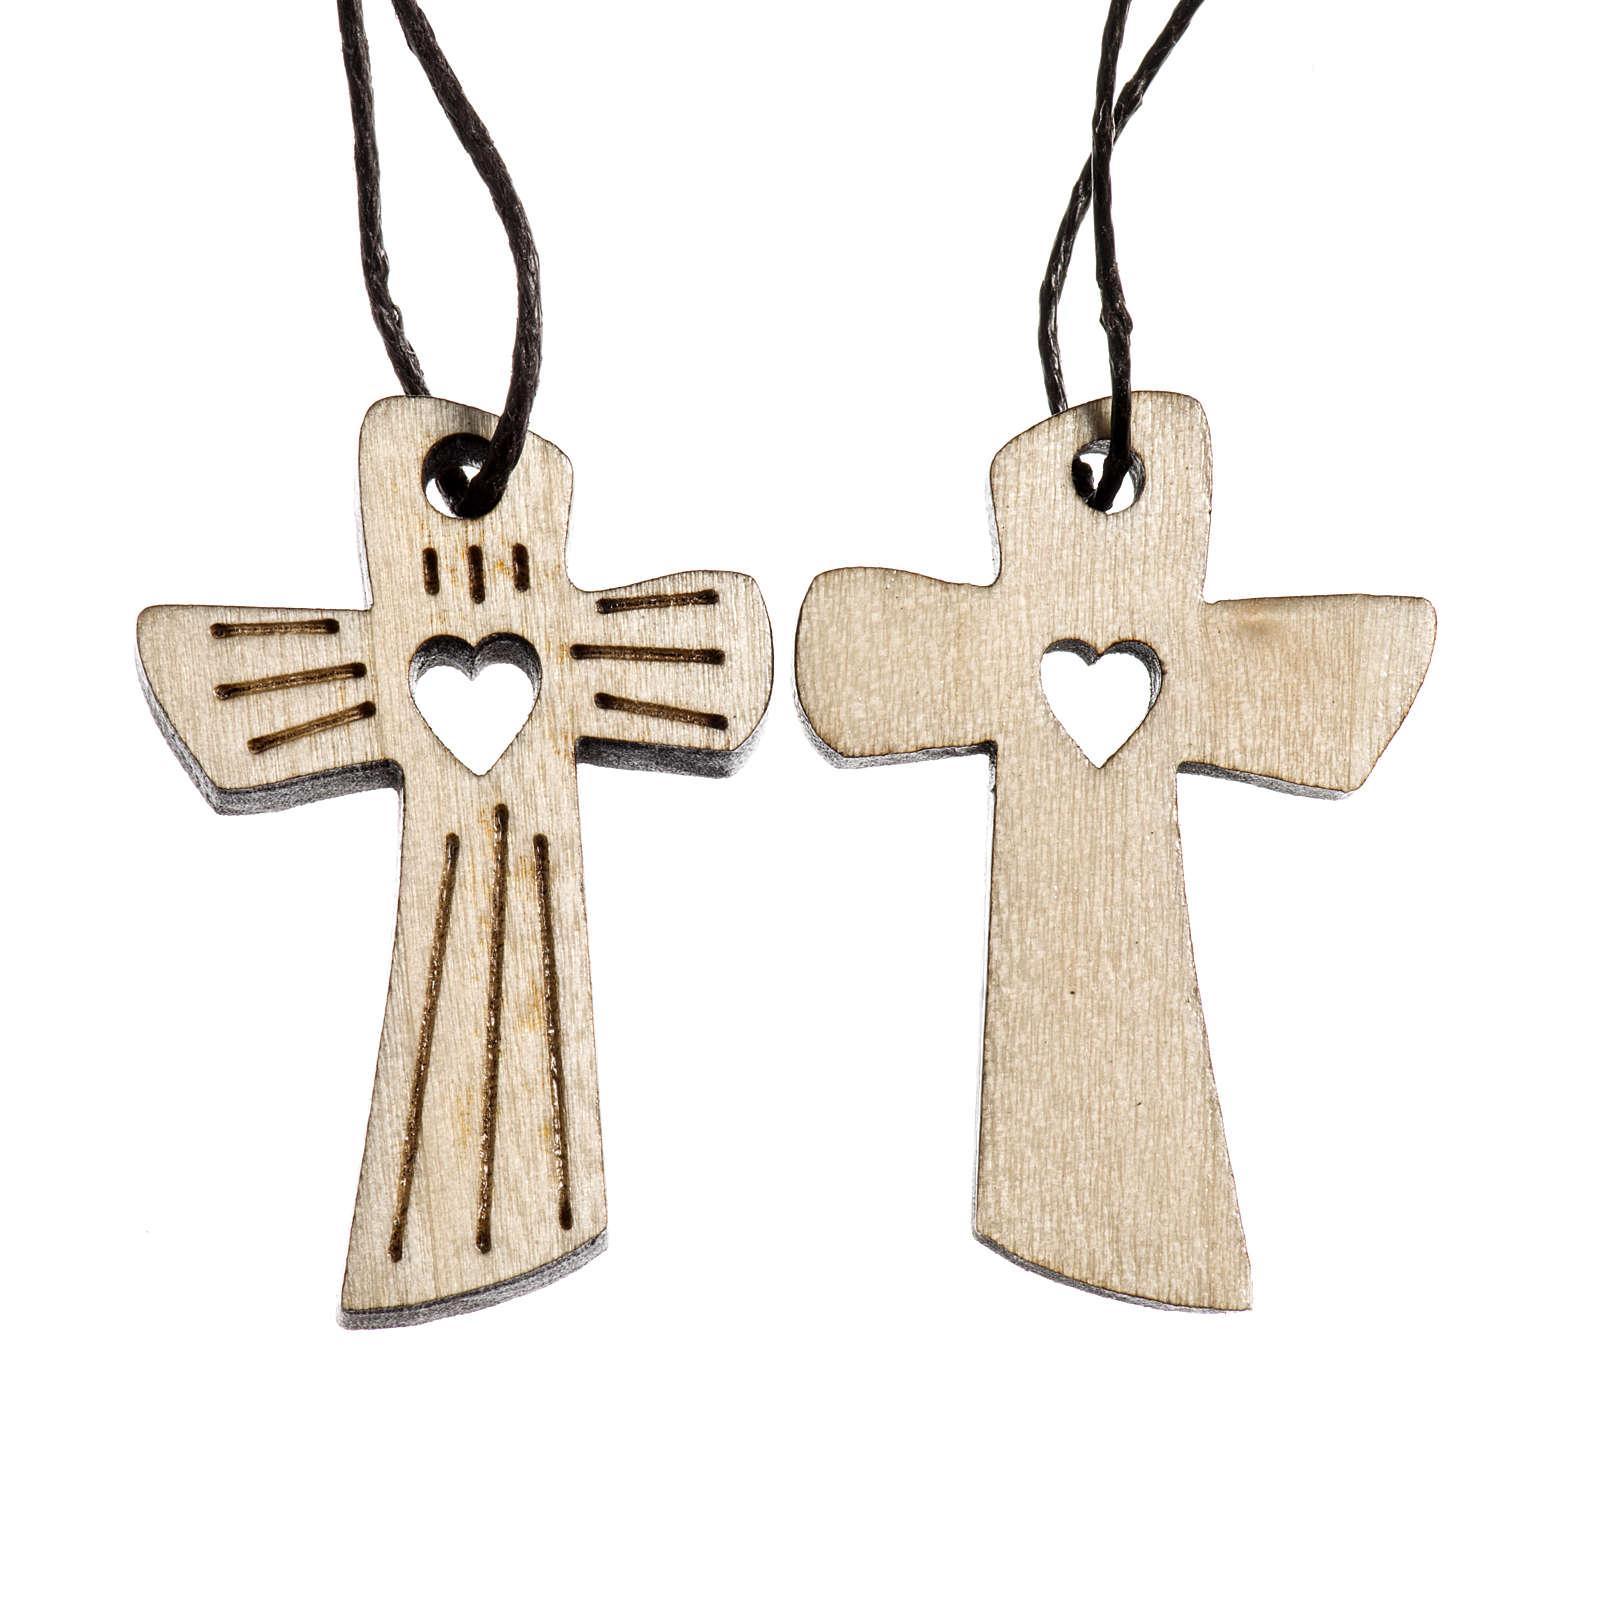 Medalla Comunión madera tallada corazón 4